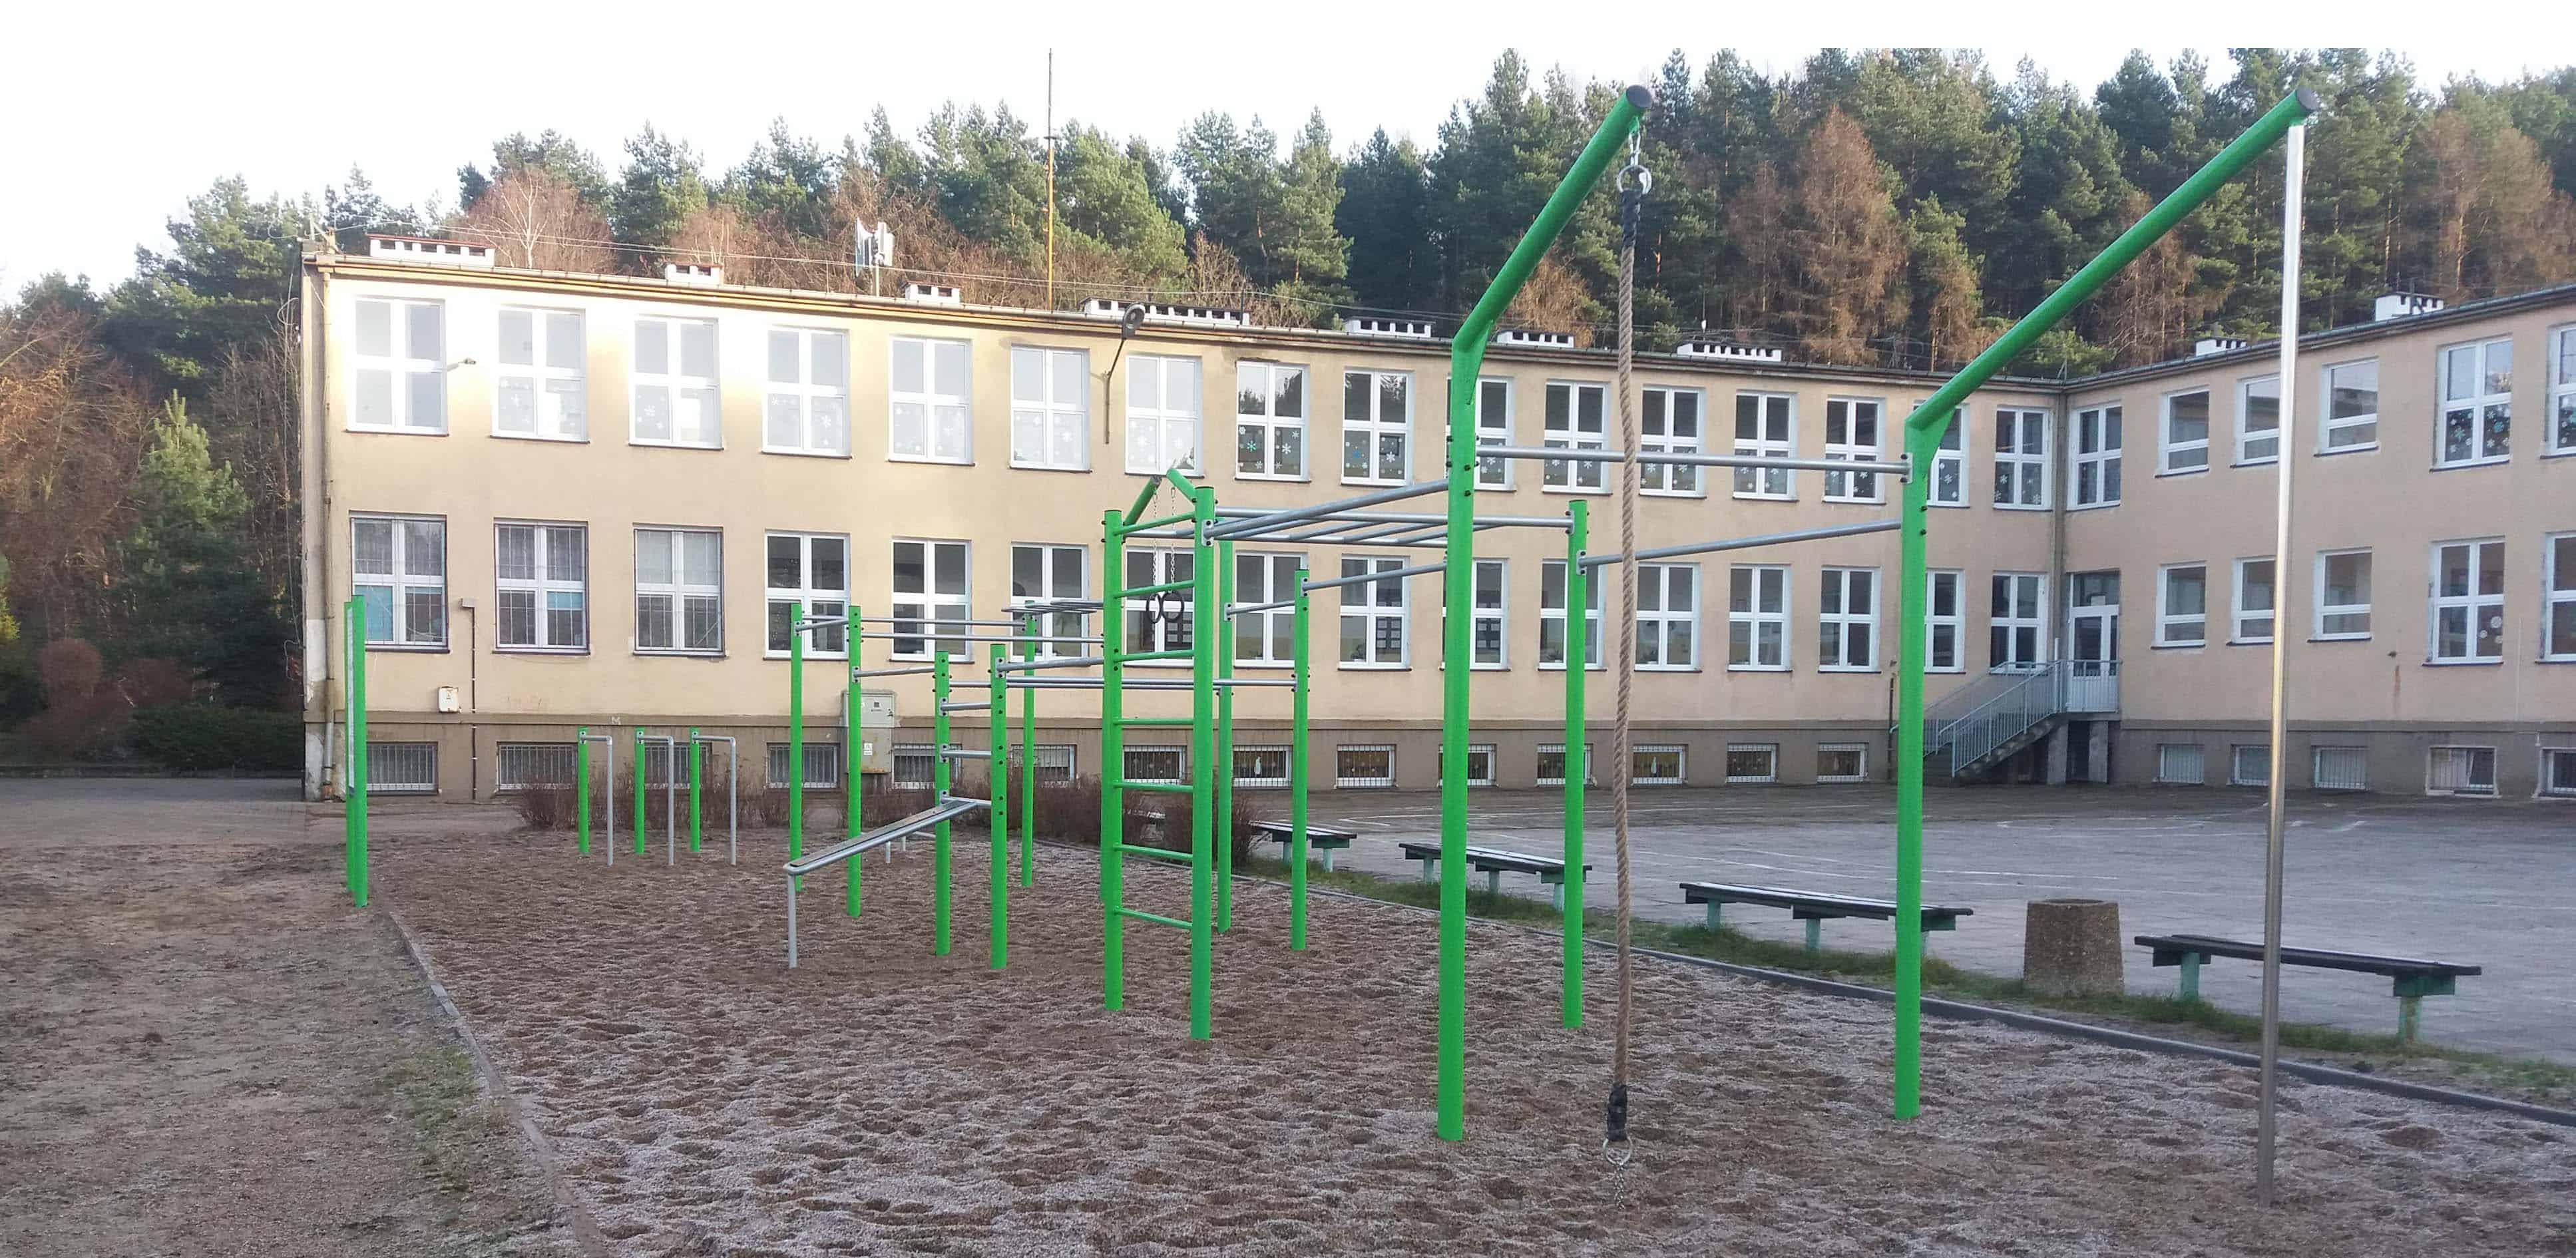 szkoła plac zabaw